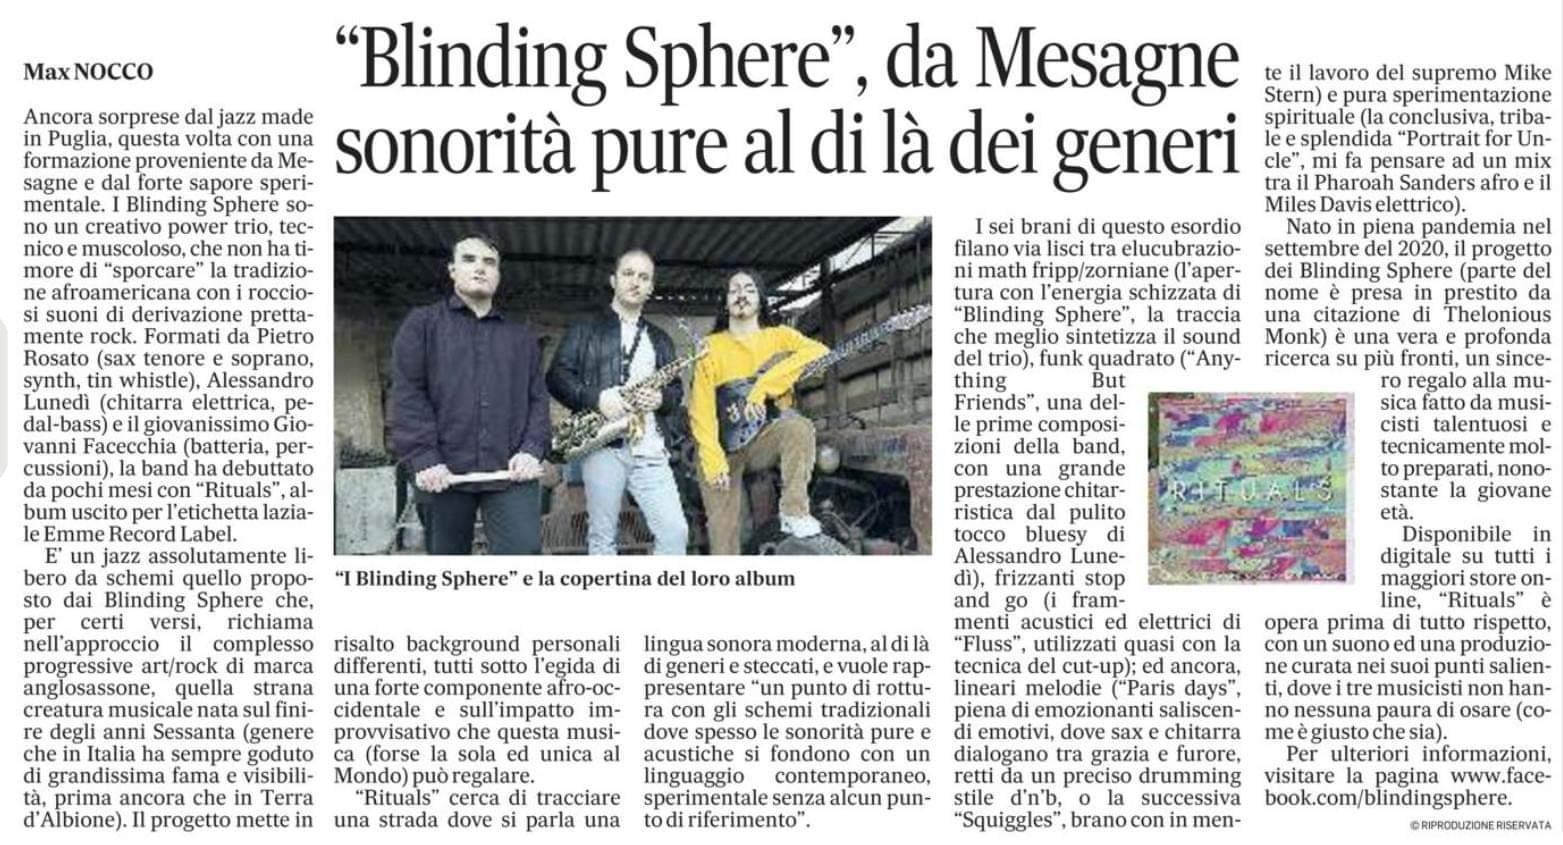 Blinding Sphere